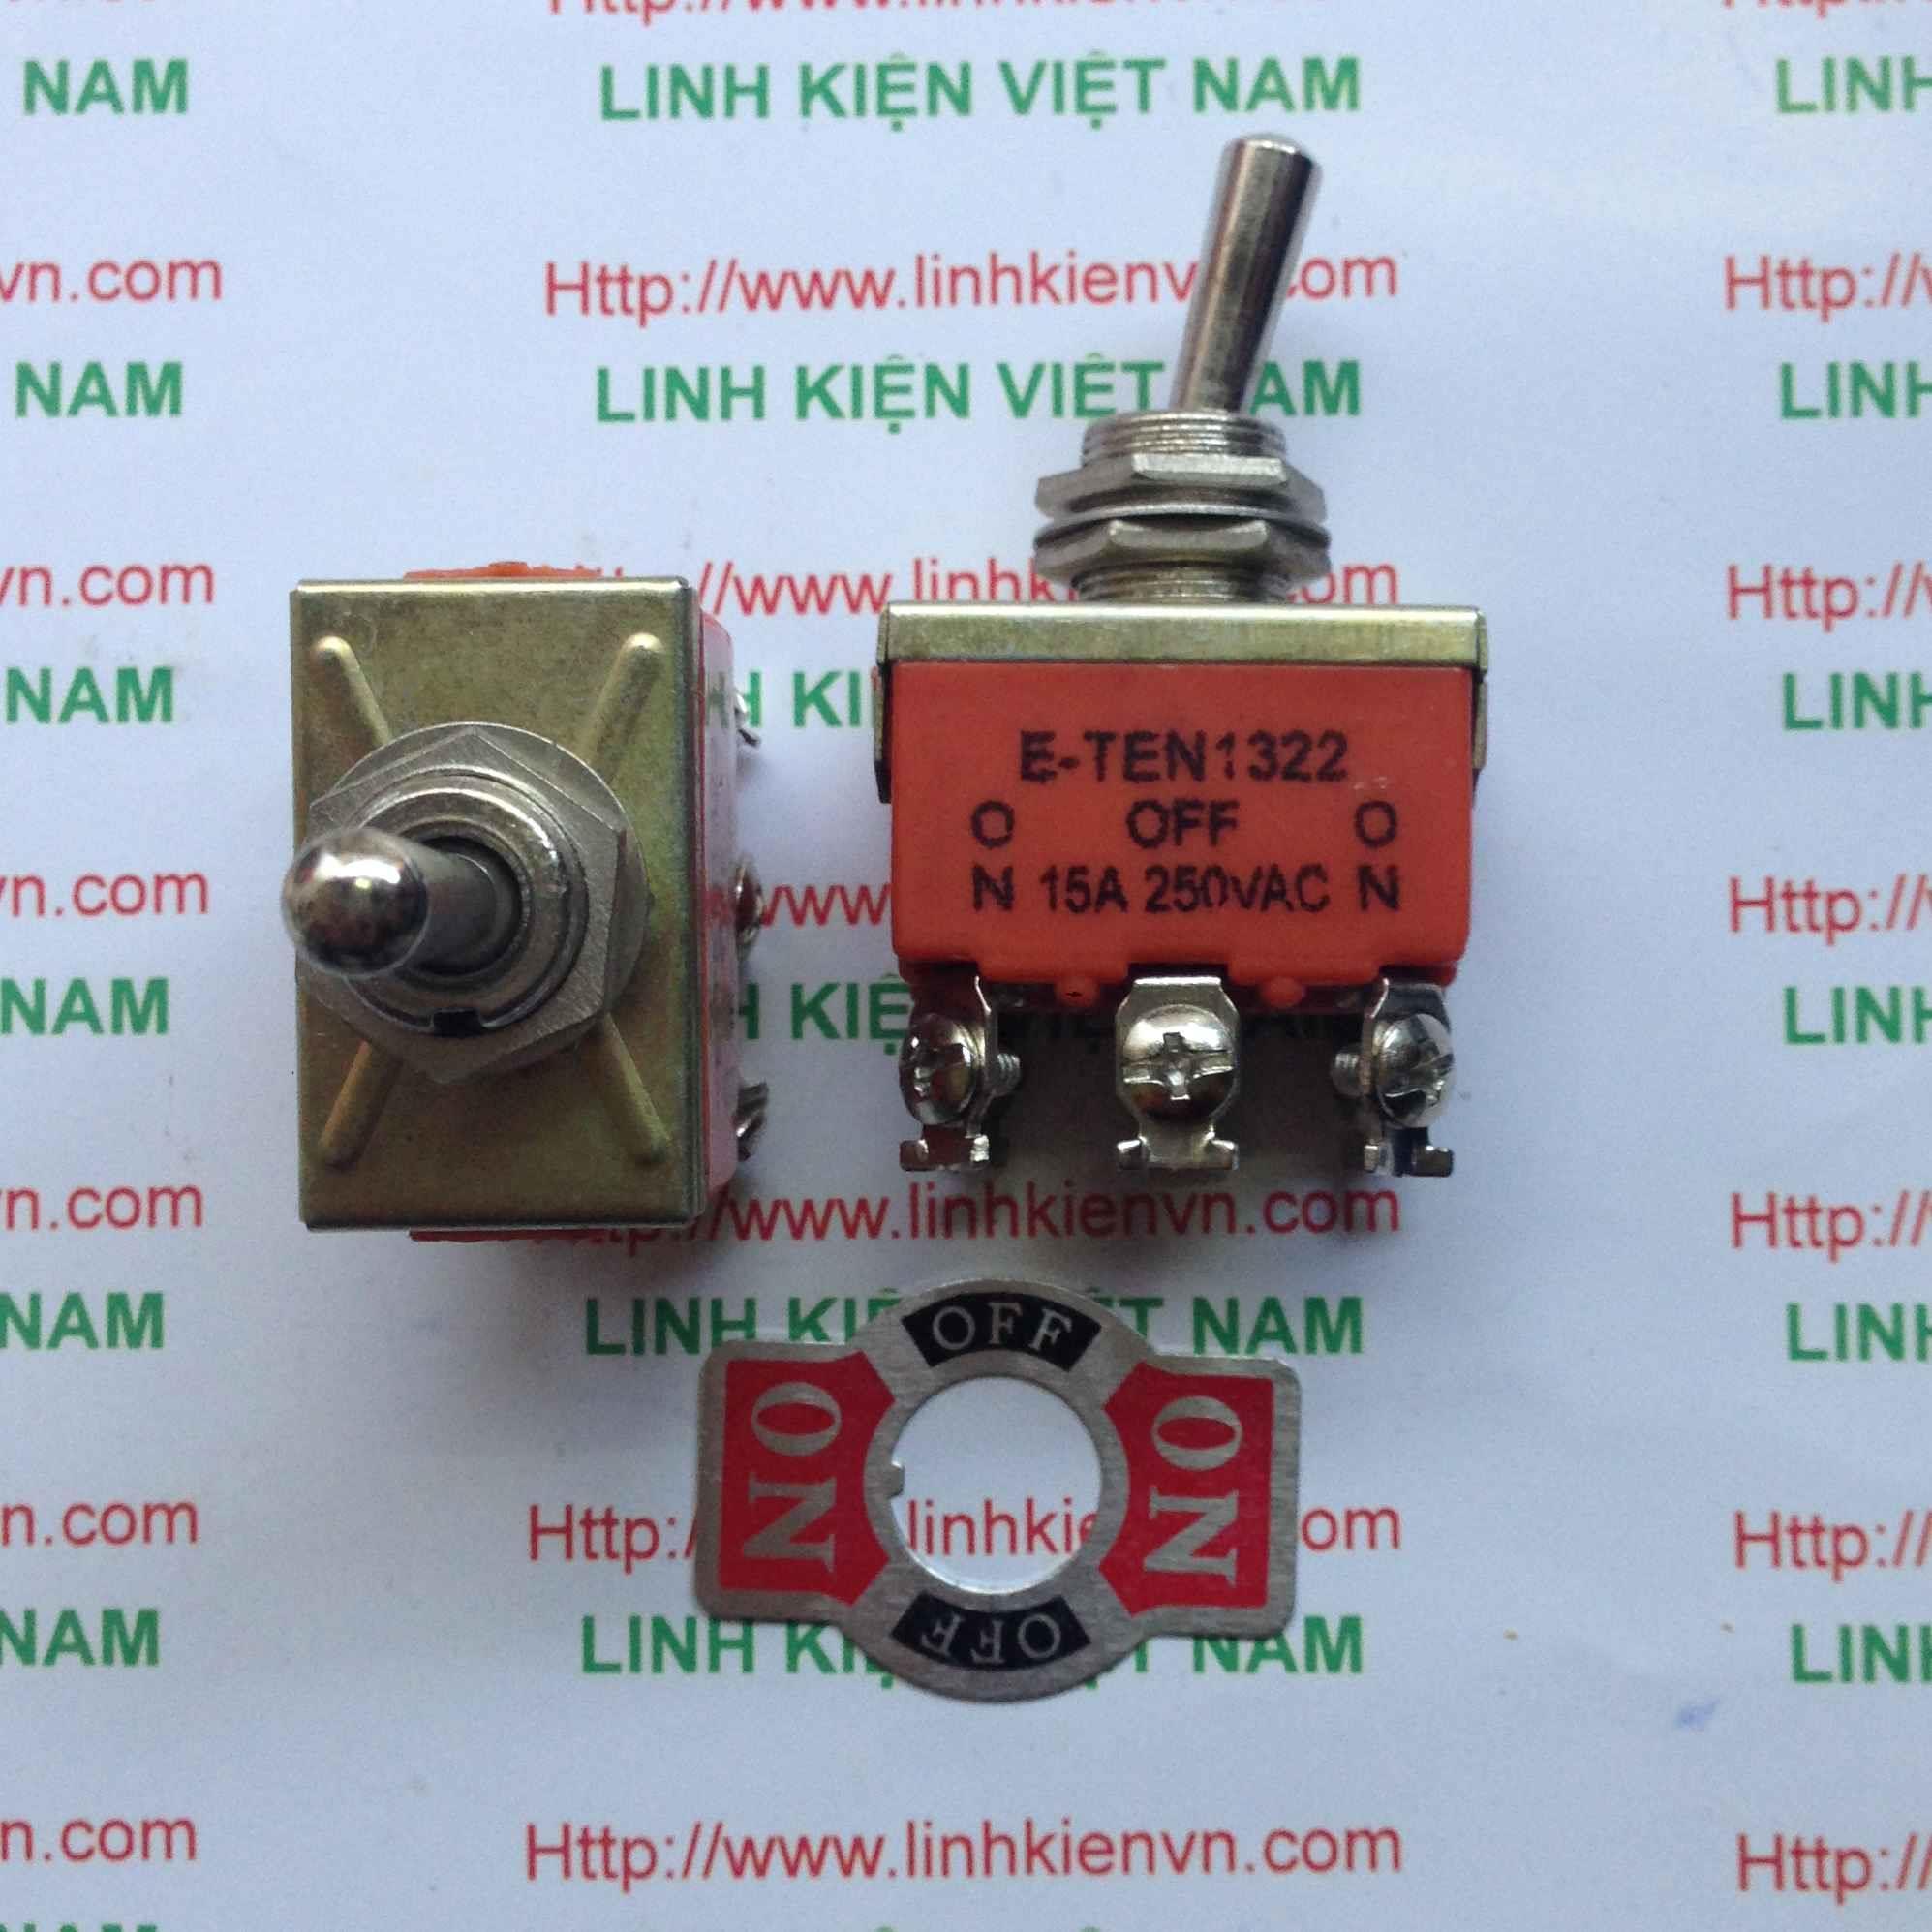 Công tắc E-TEN1322 15A 250V - 3 trạng thái - D3H12